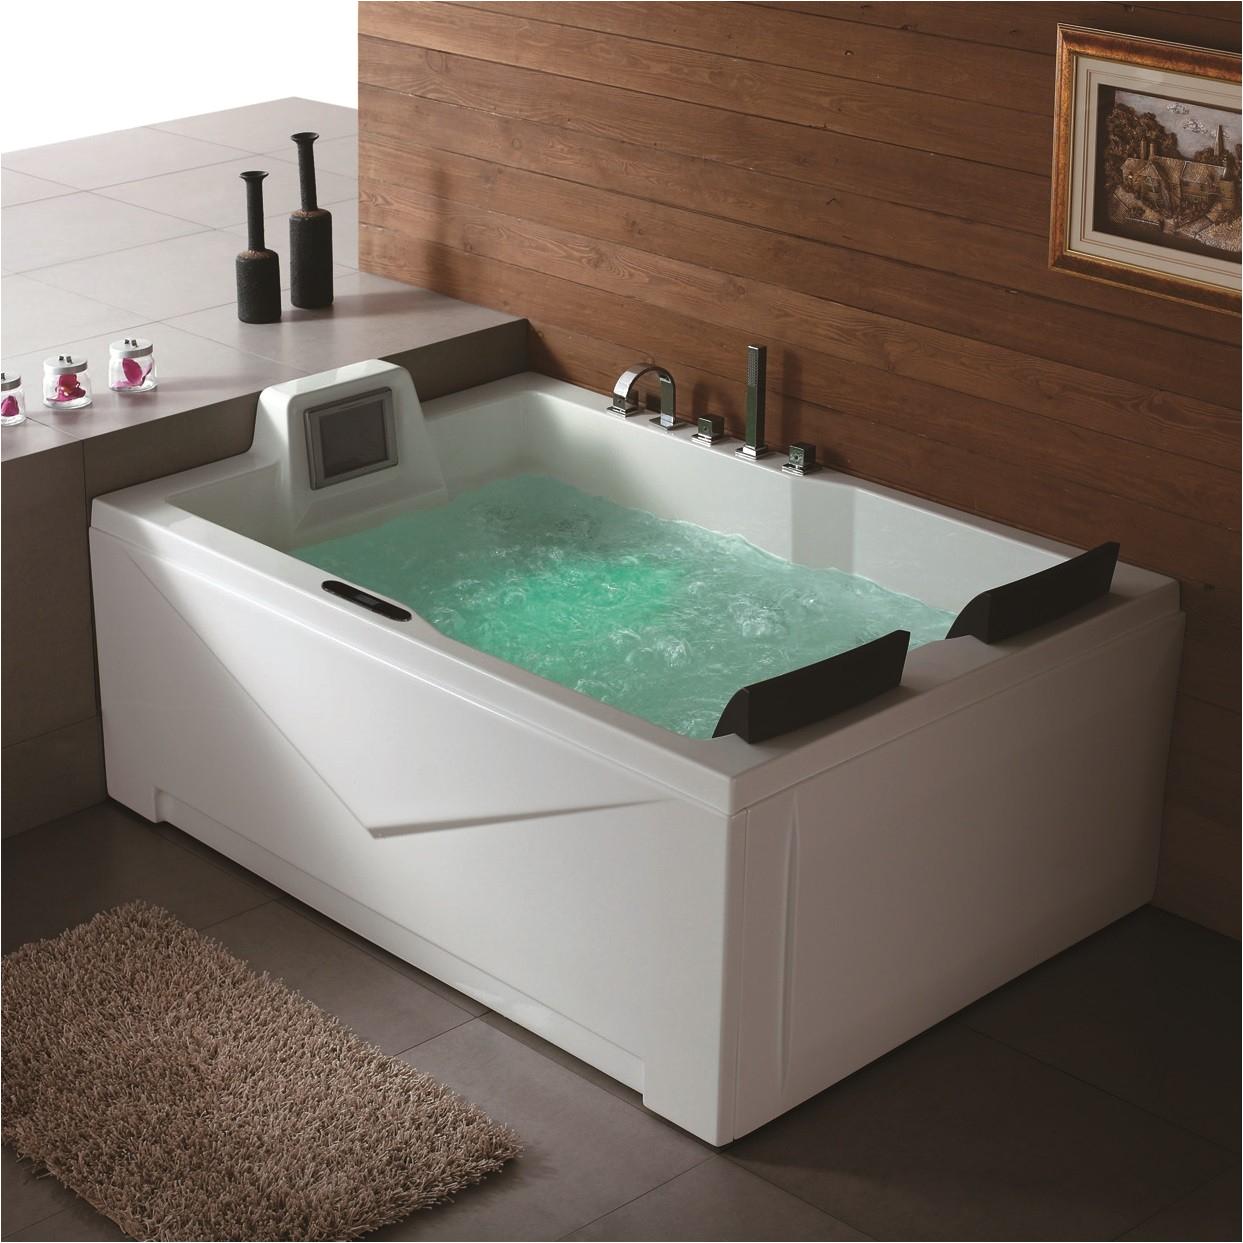 putnam luxury massage tub